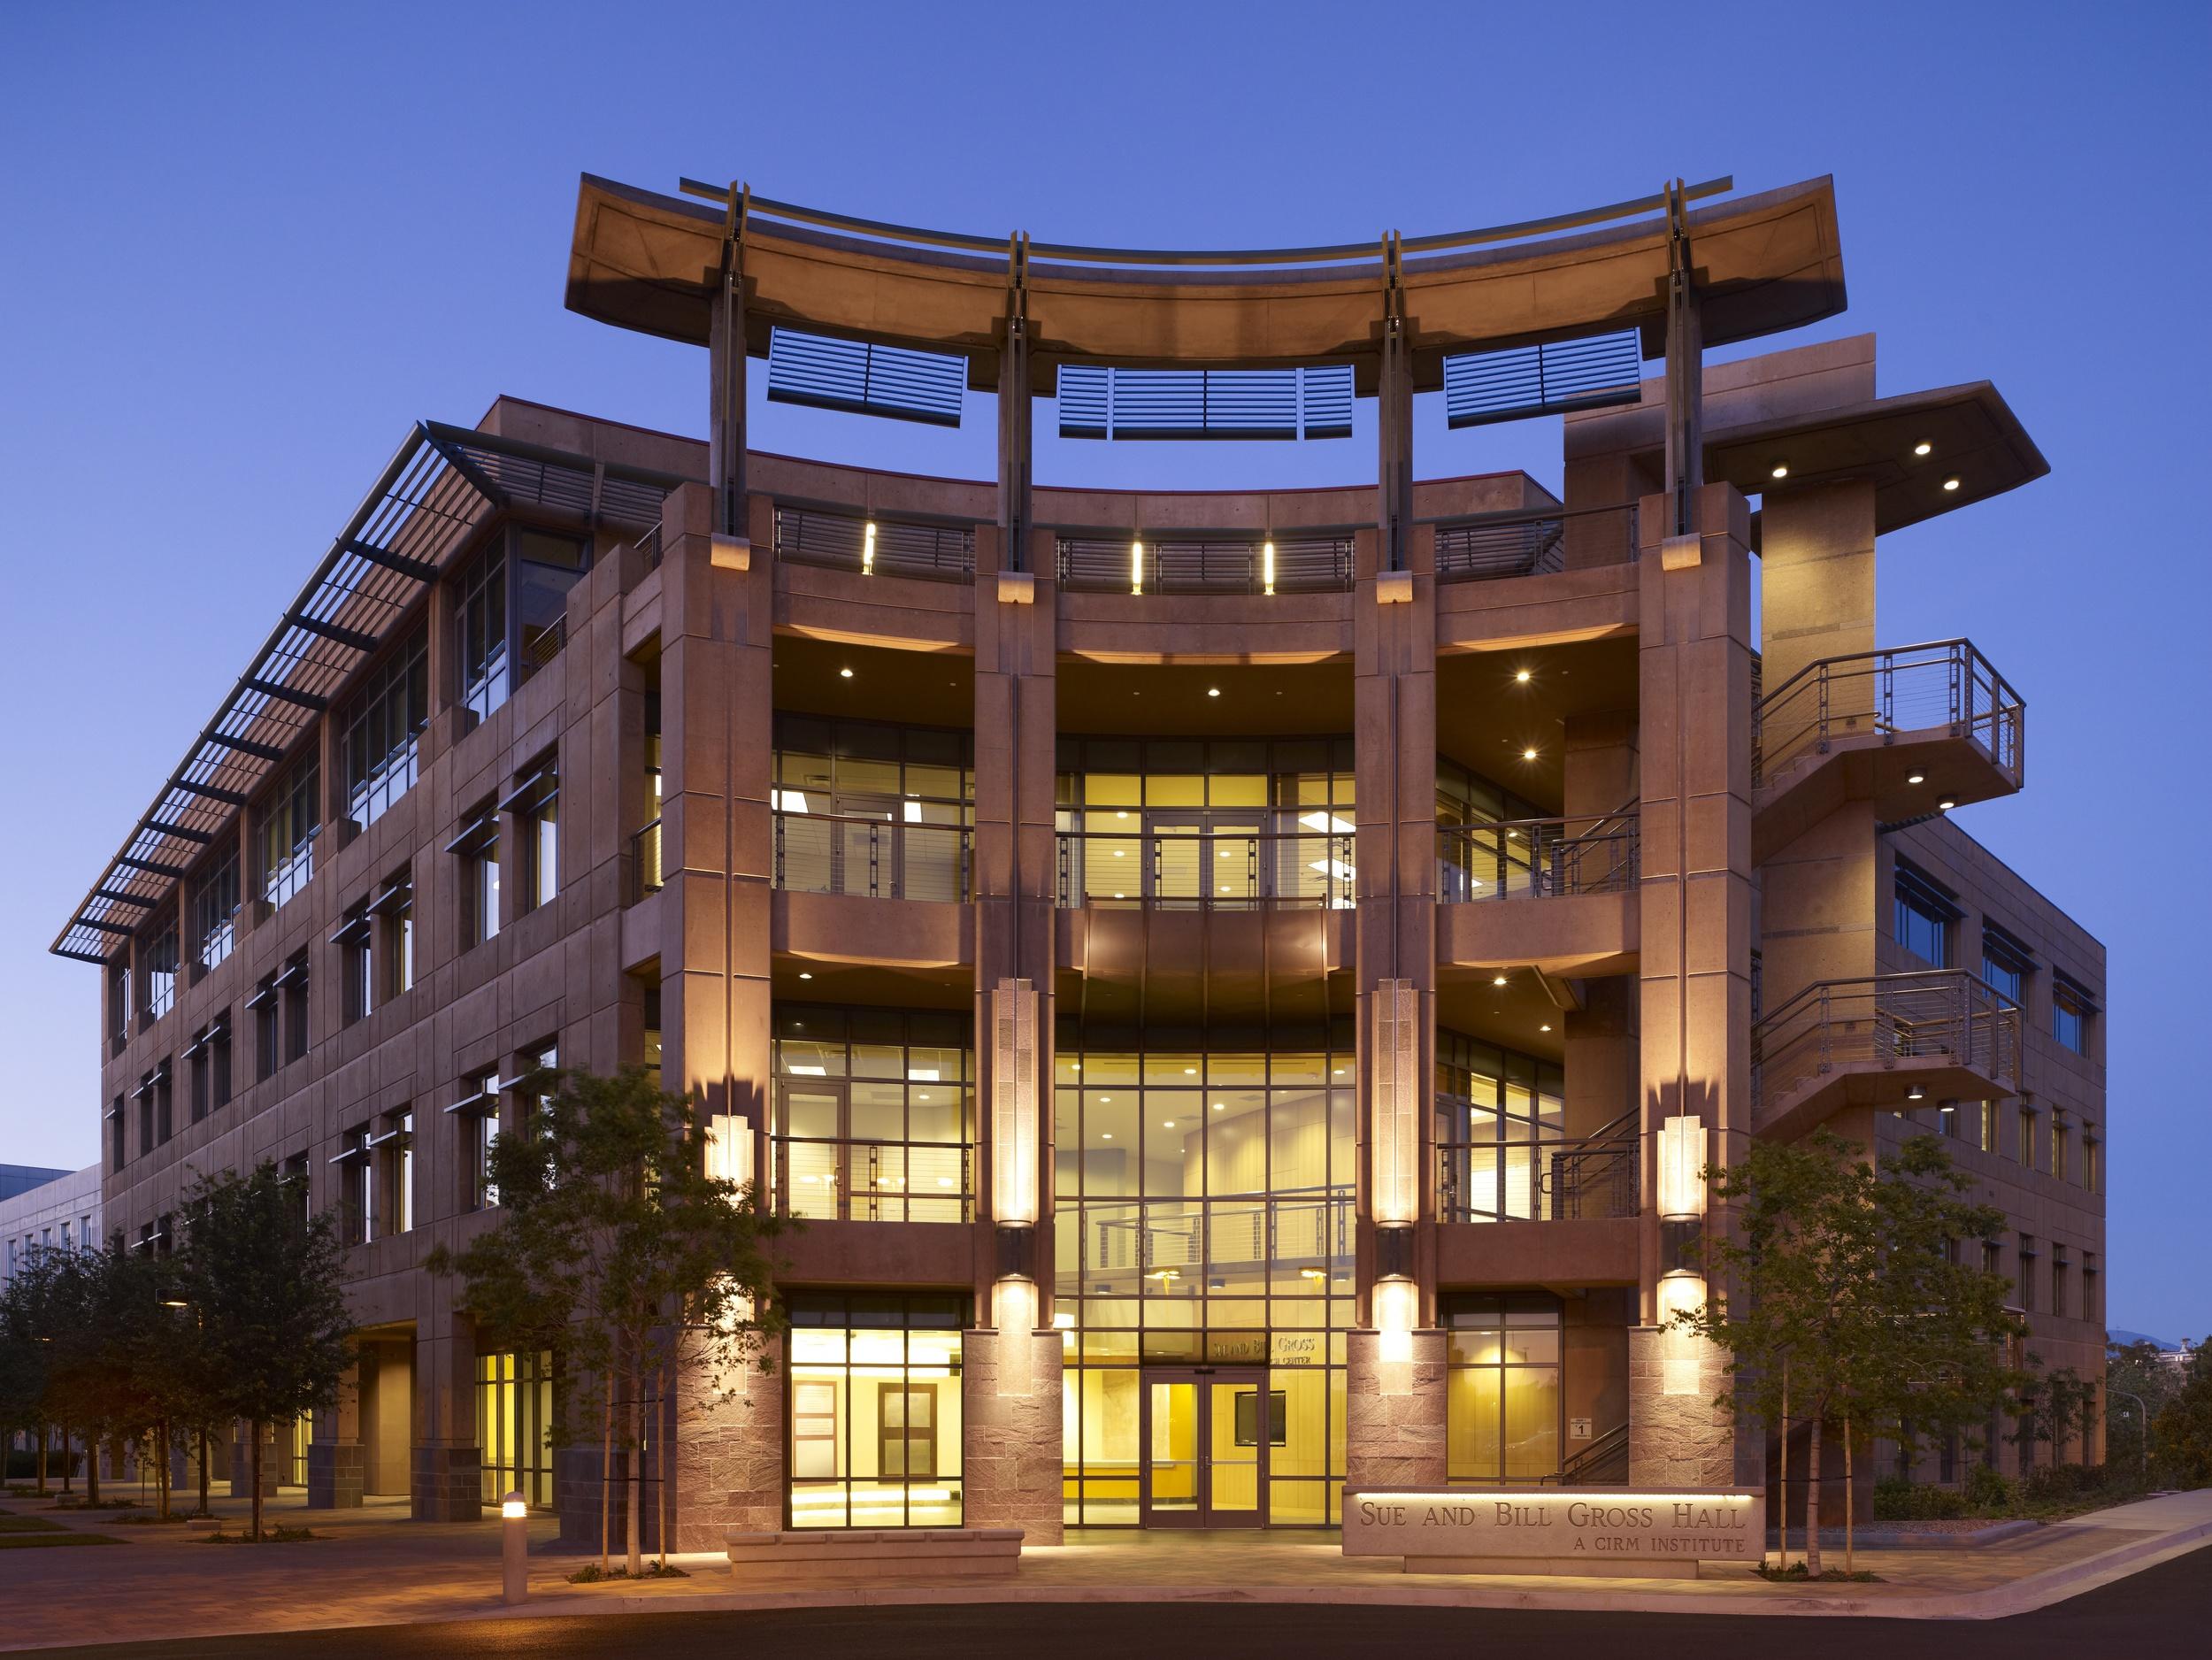 California Institute of Regenerative Medicine - LEED PLATINUM